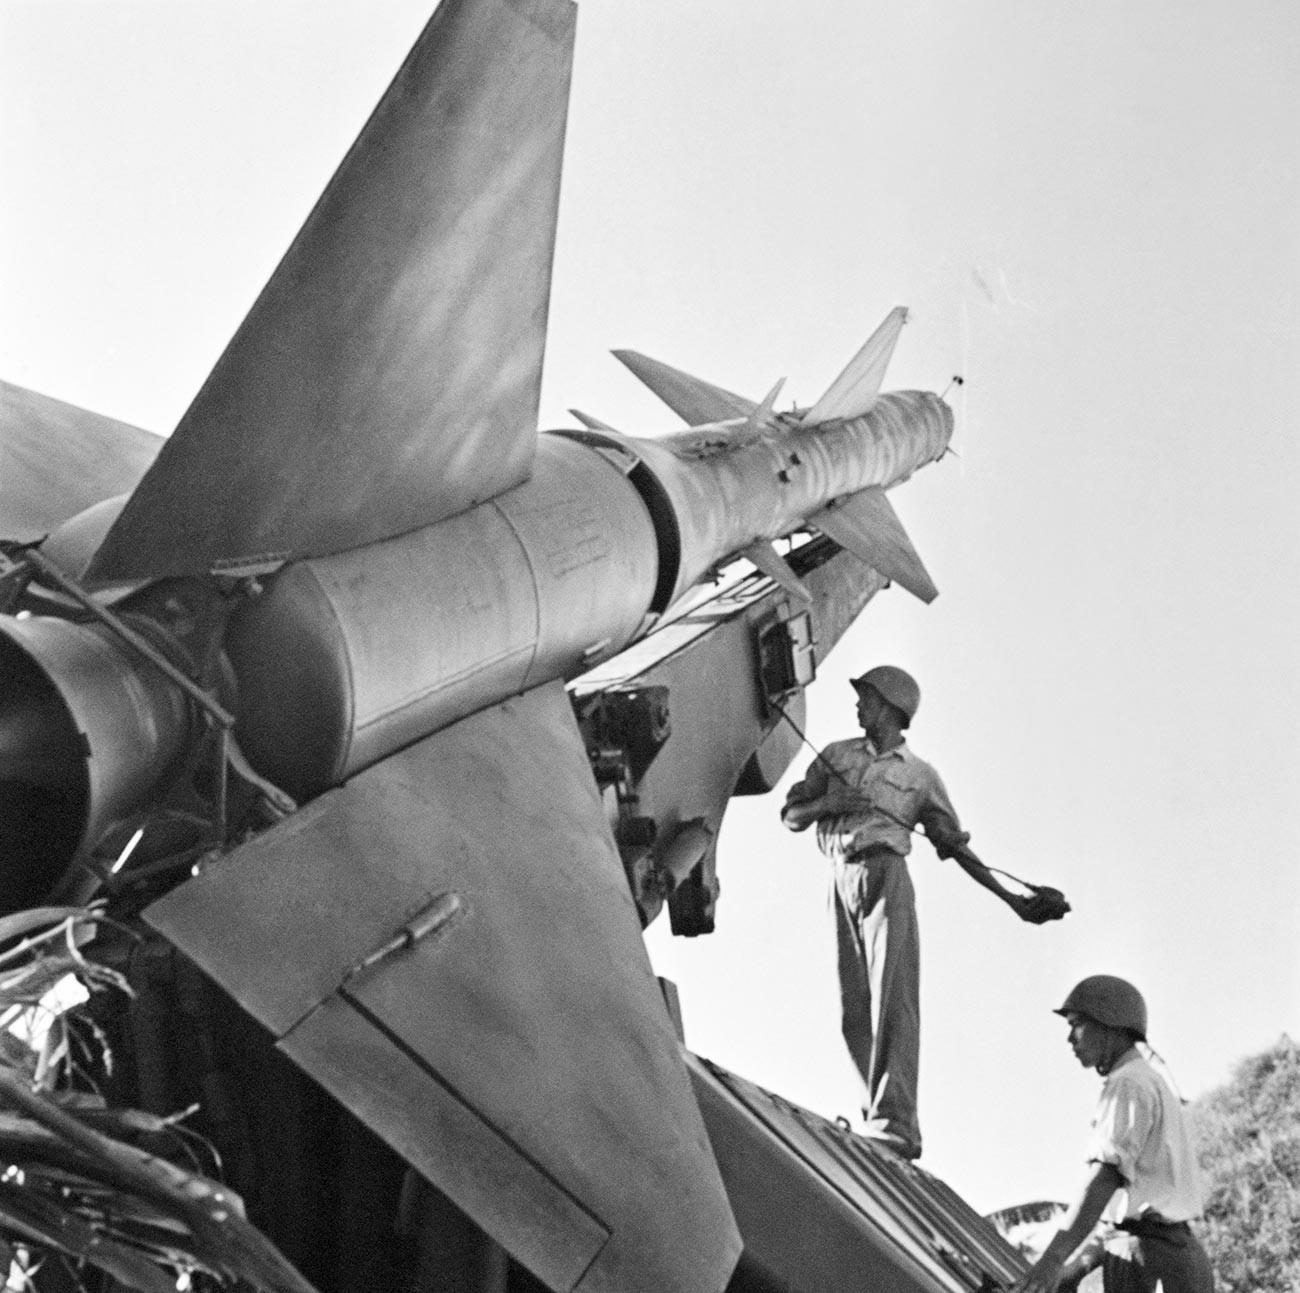 Soldaten der vietnamesischen Volksarmee neben einer Flugabwehrrakete